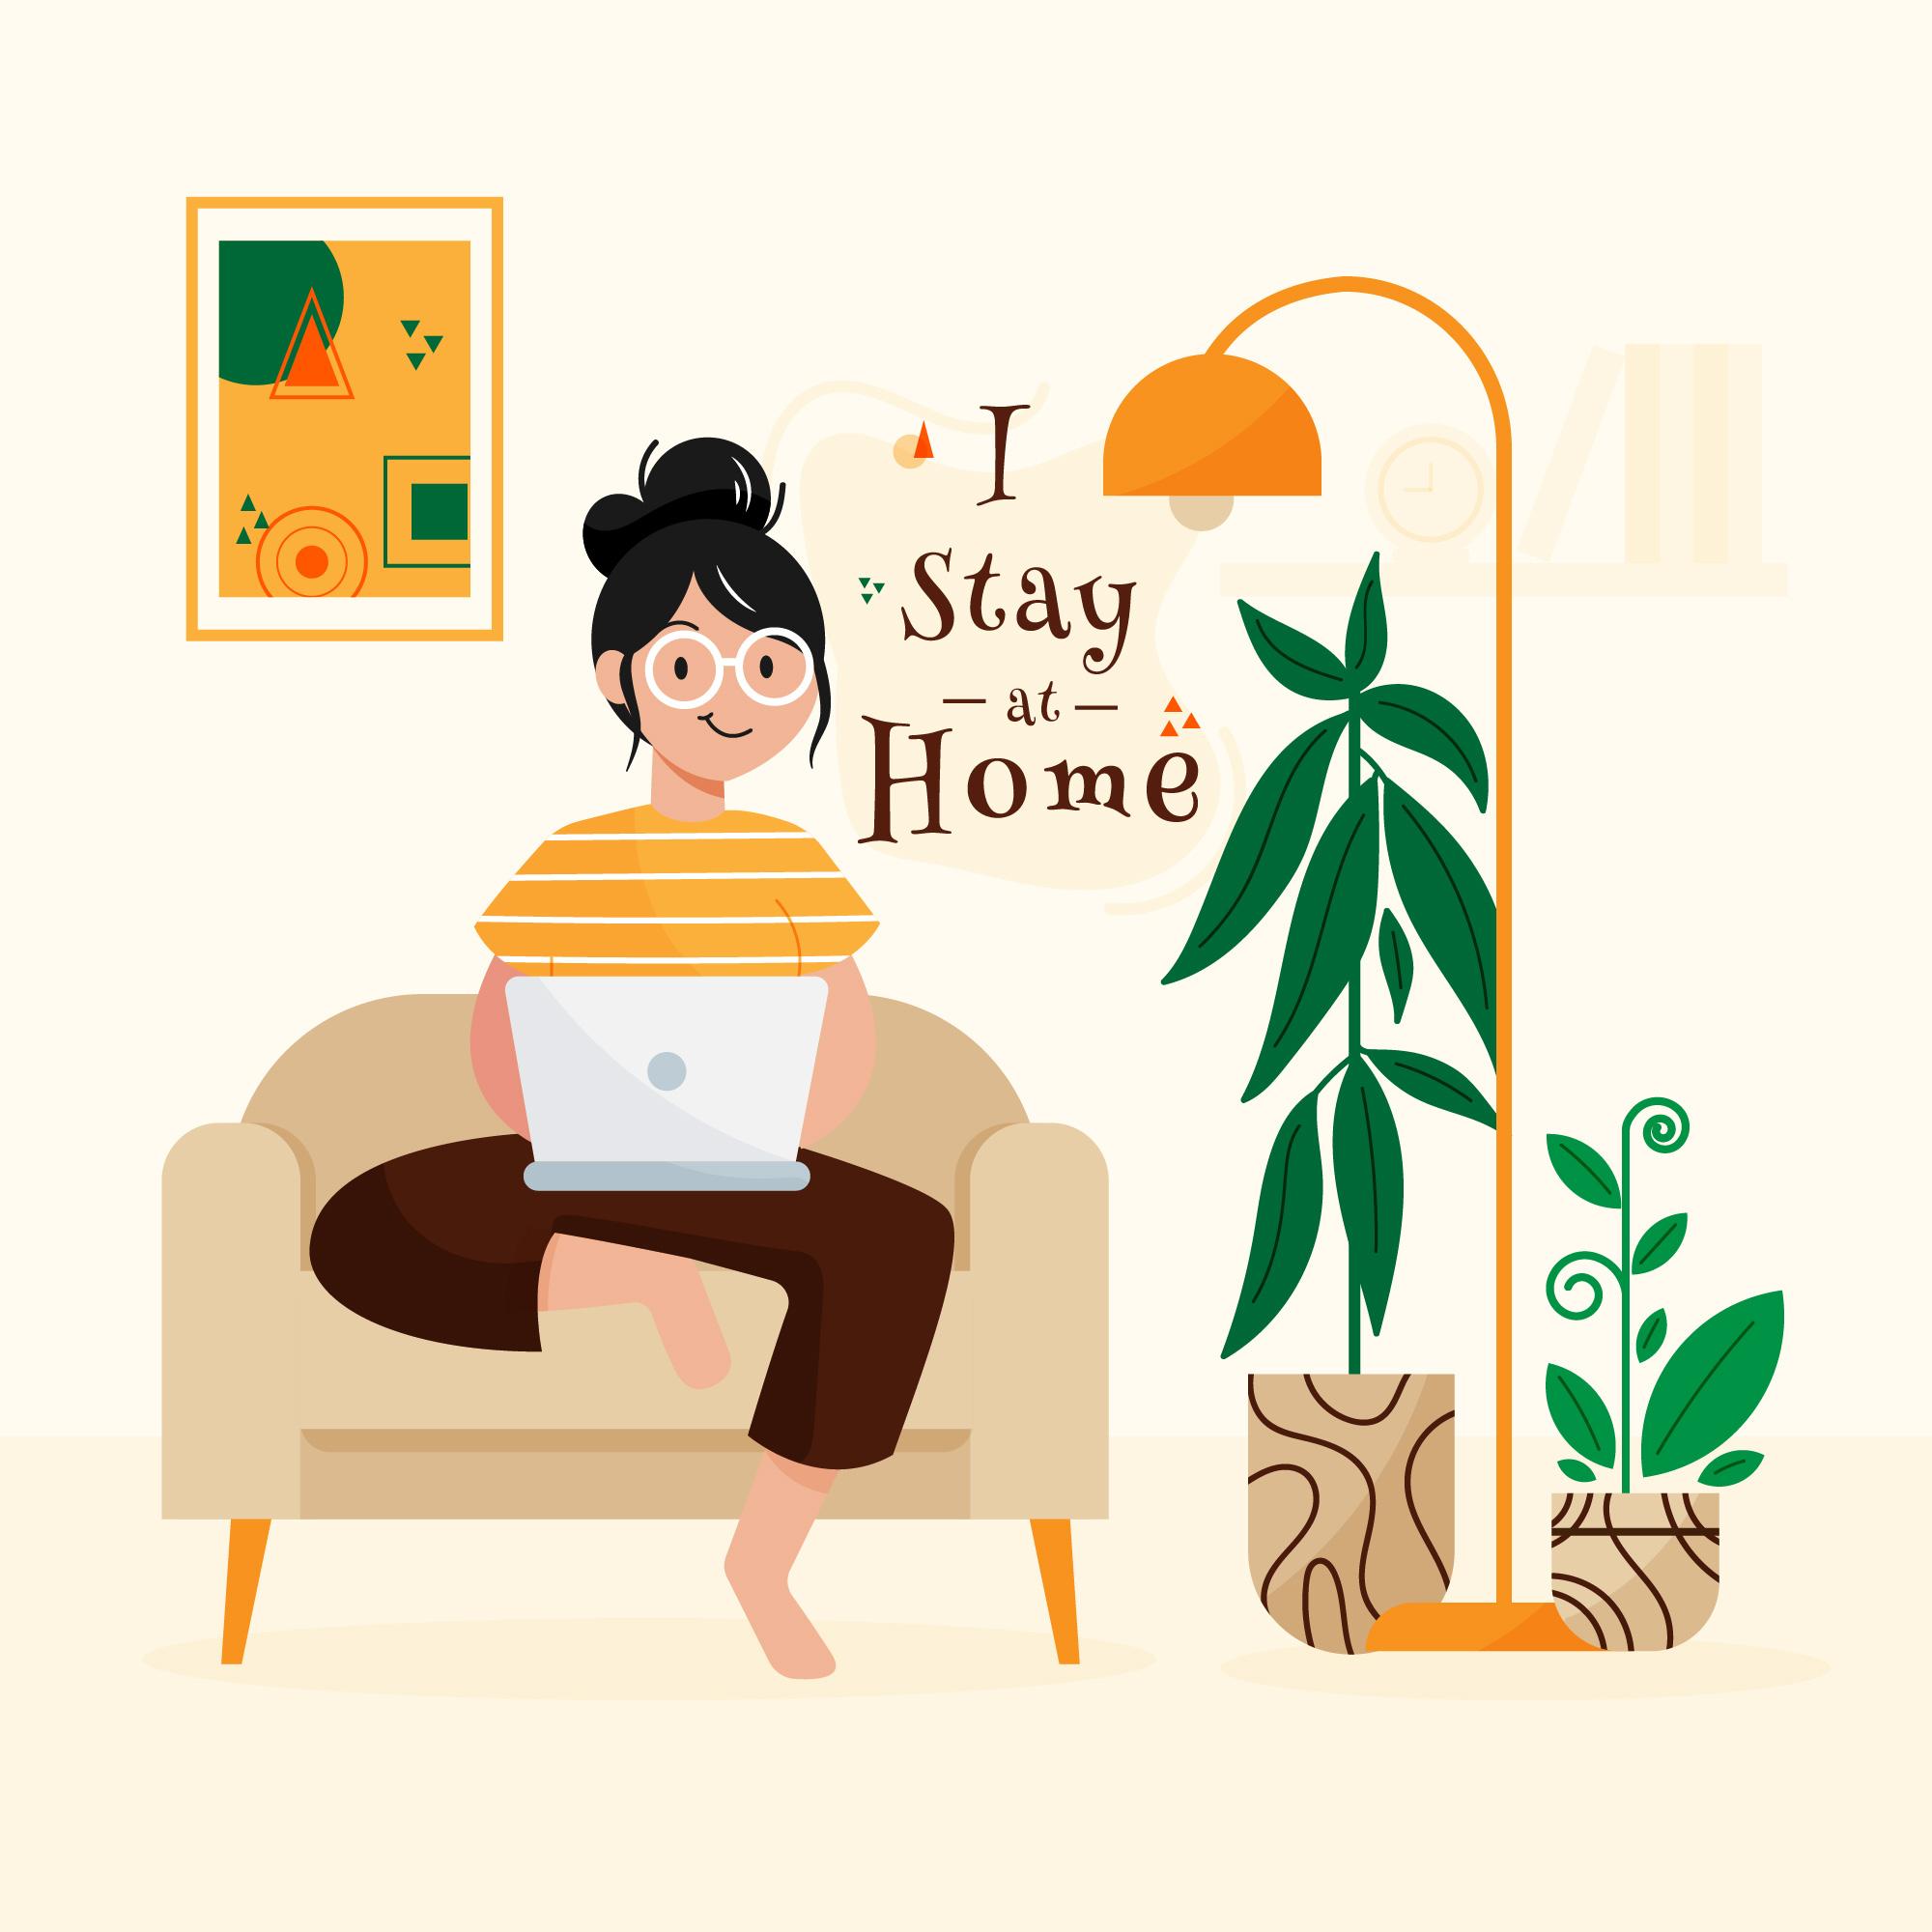 Esse distanciamento social pode ser aproveitado de forma produtiva, no conforto de sua casa! Trouxemos algumas sugestões de o que fazer na quarentena.